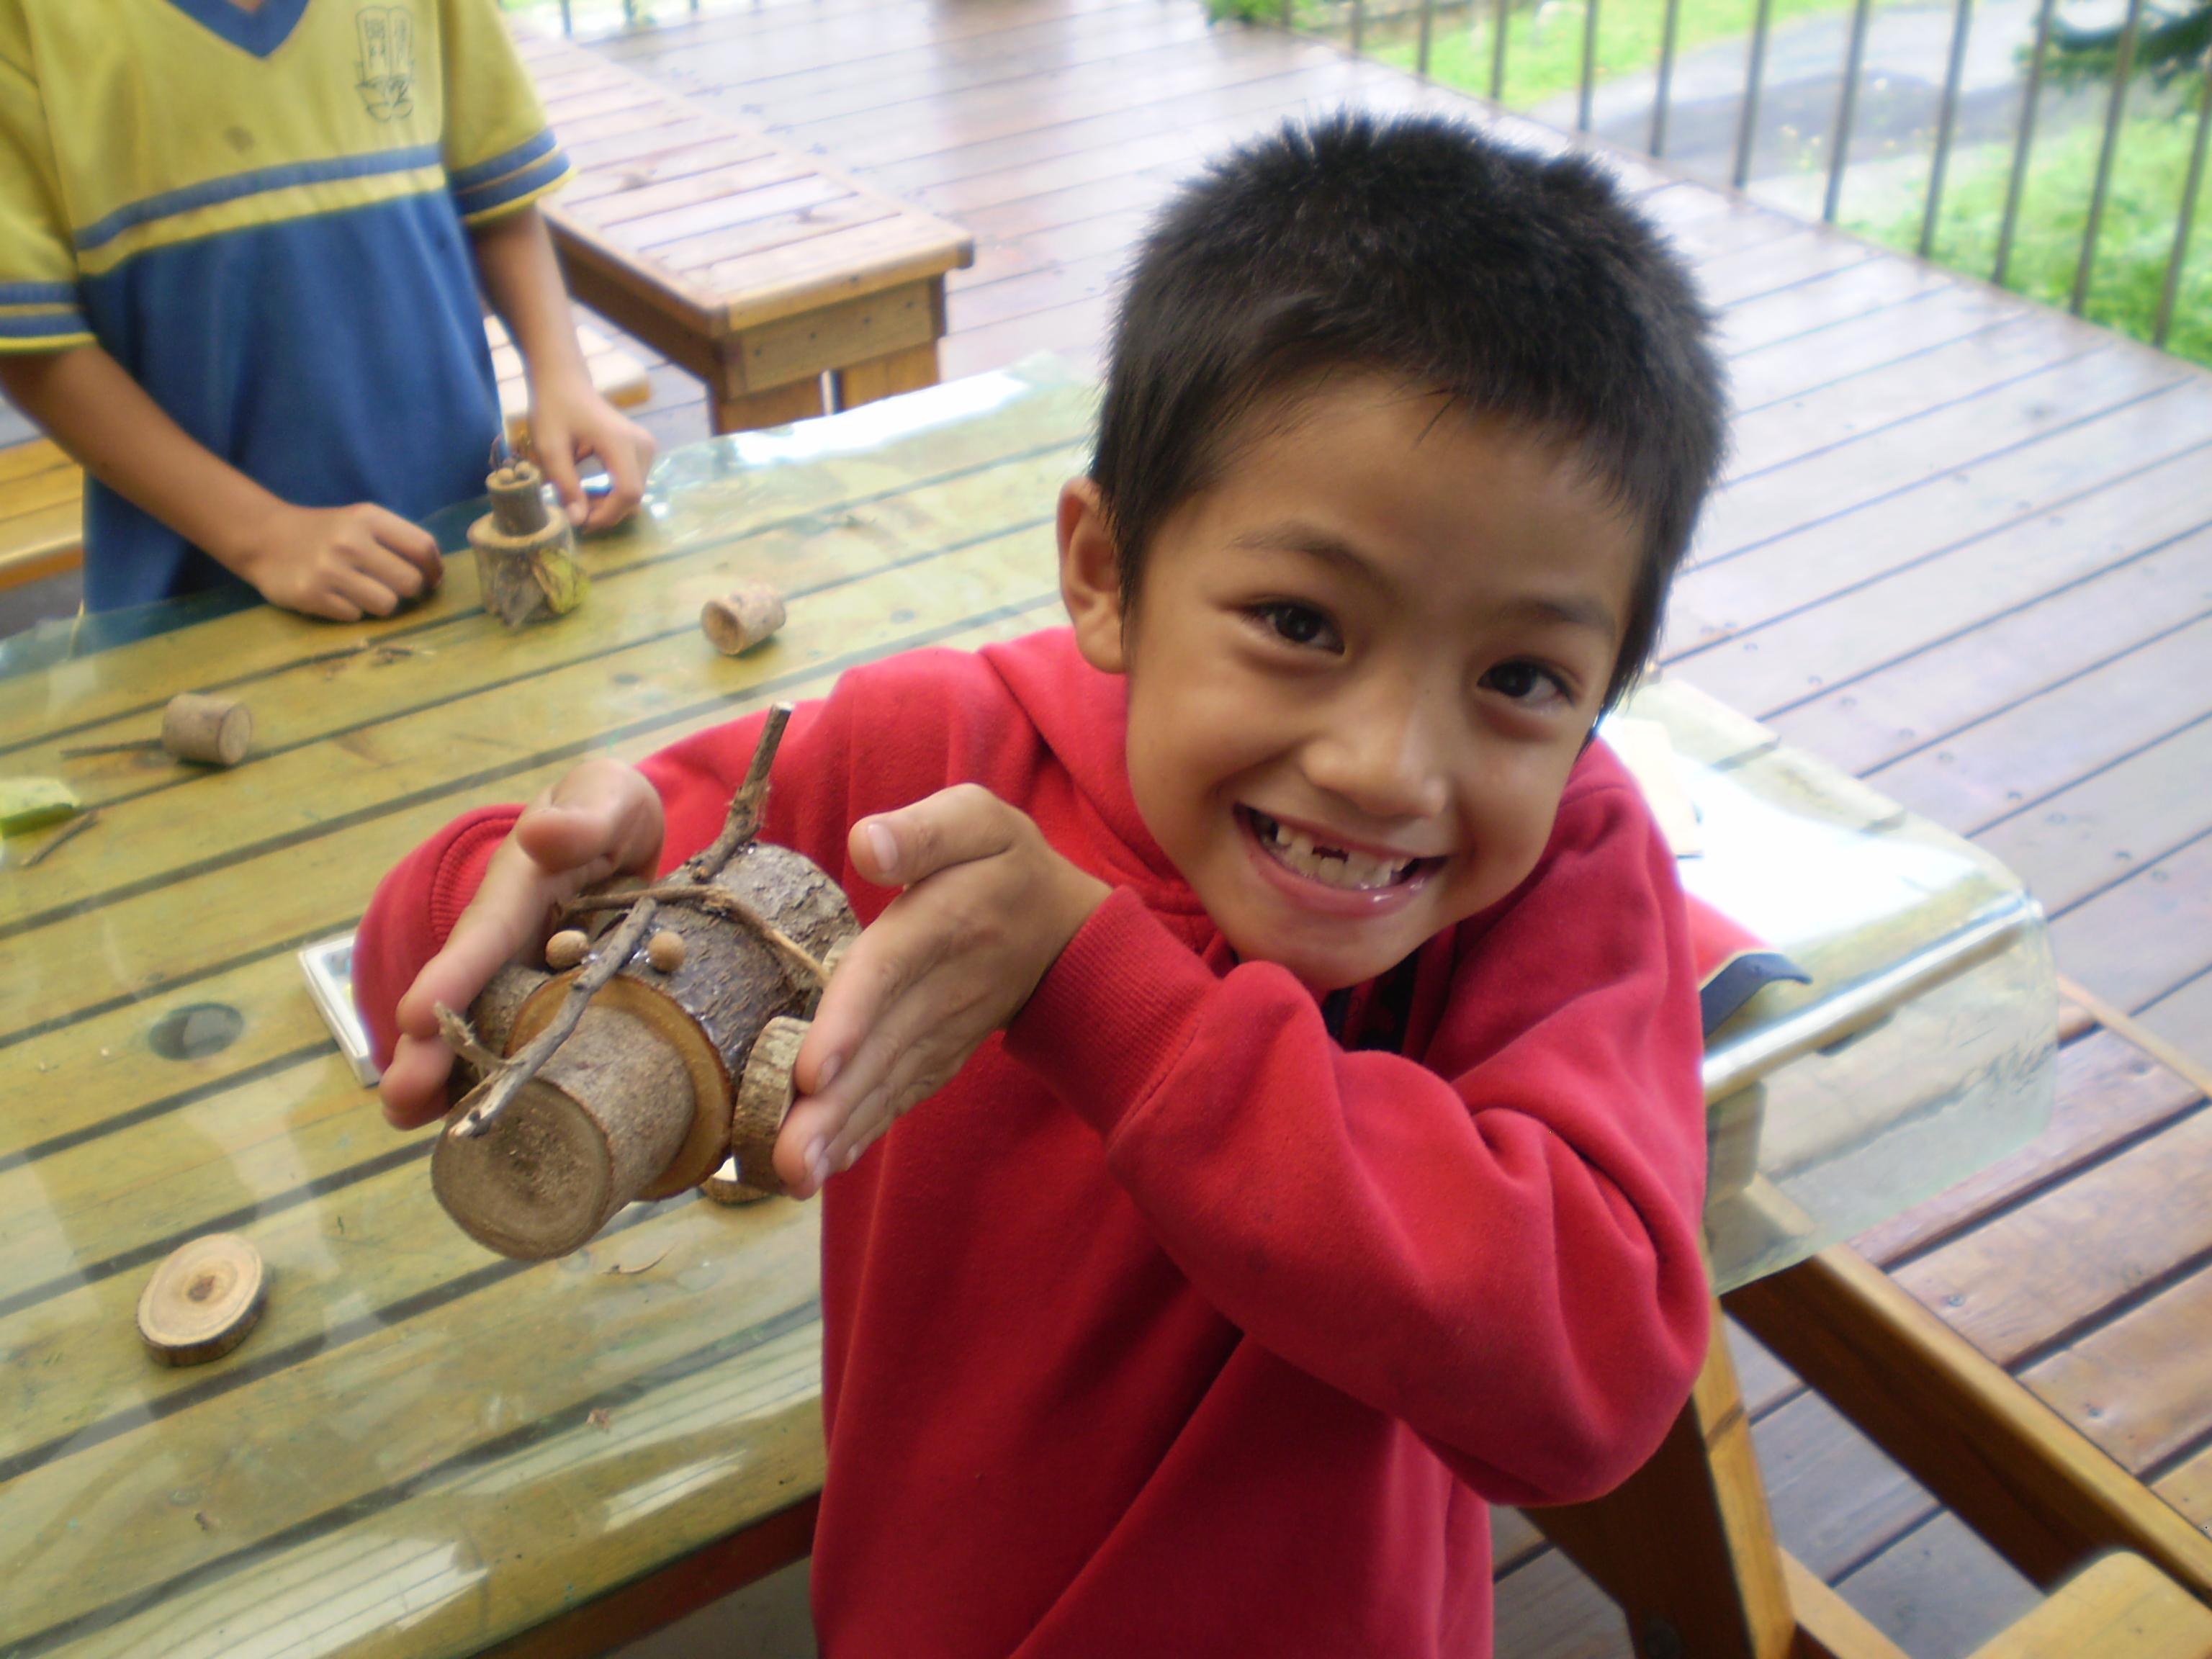 帶孩子玩出戶外學習力,首屆森林嘉年華開張囉!